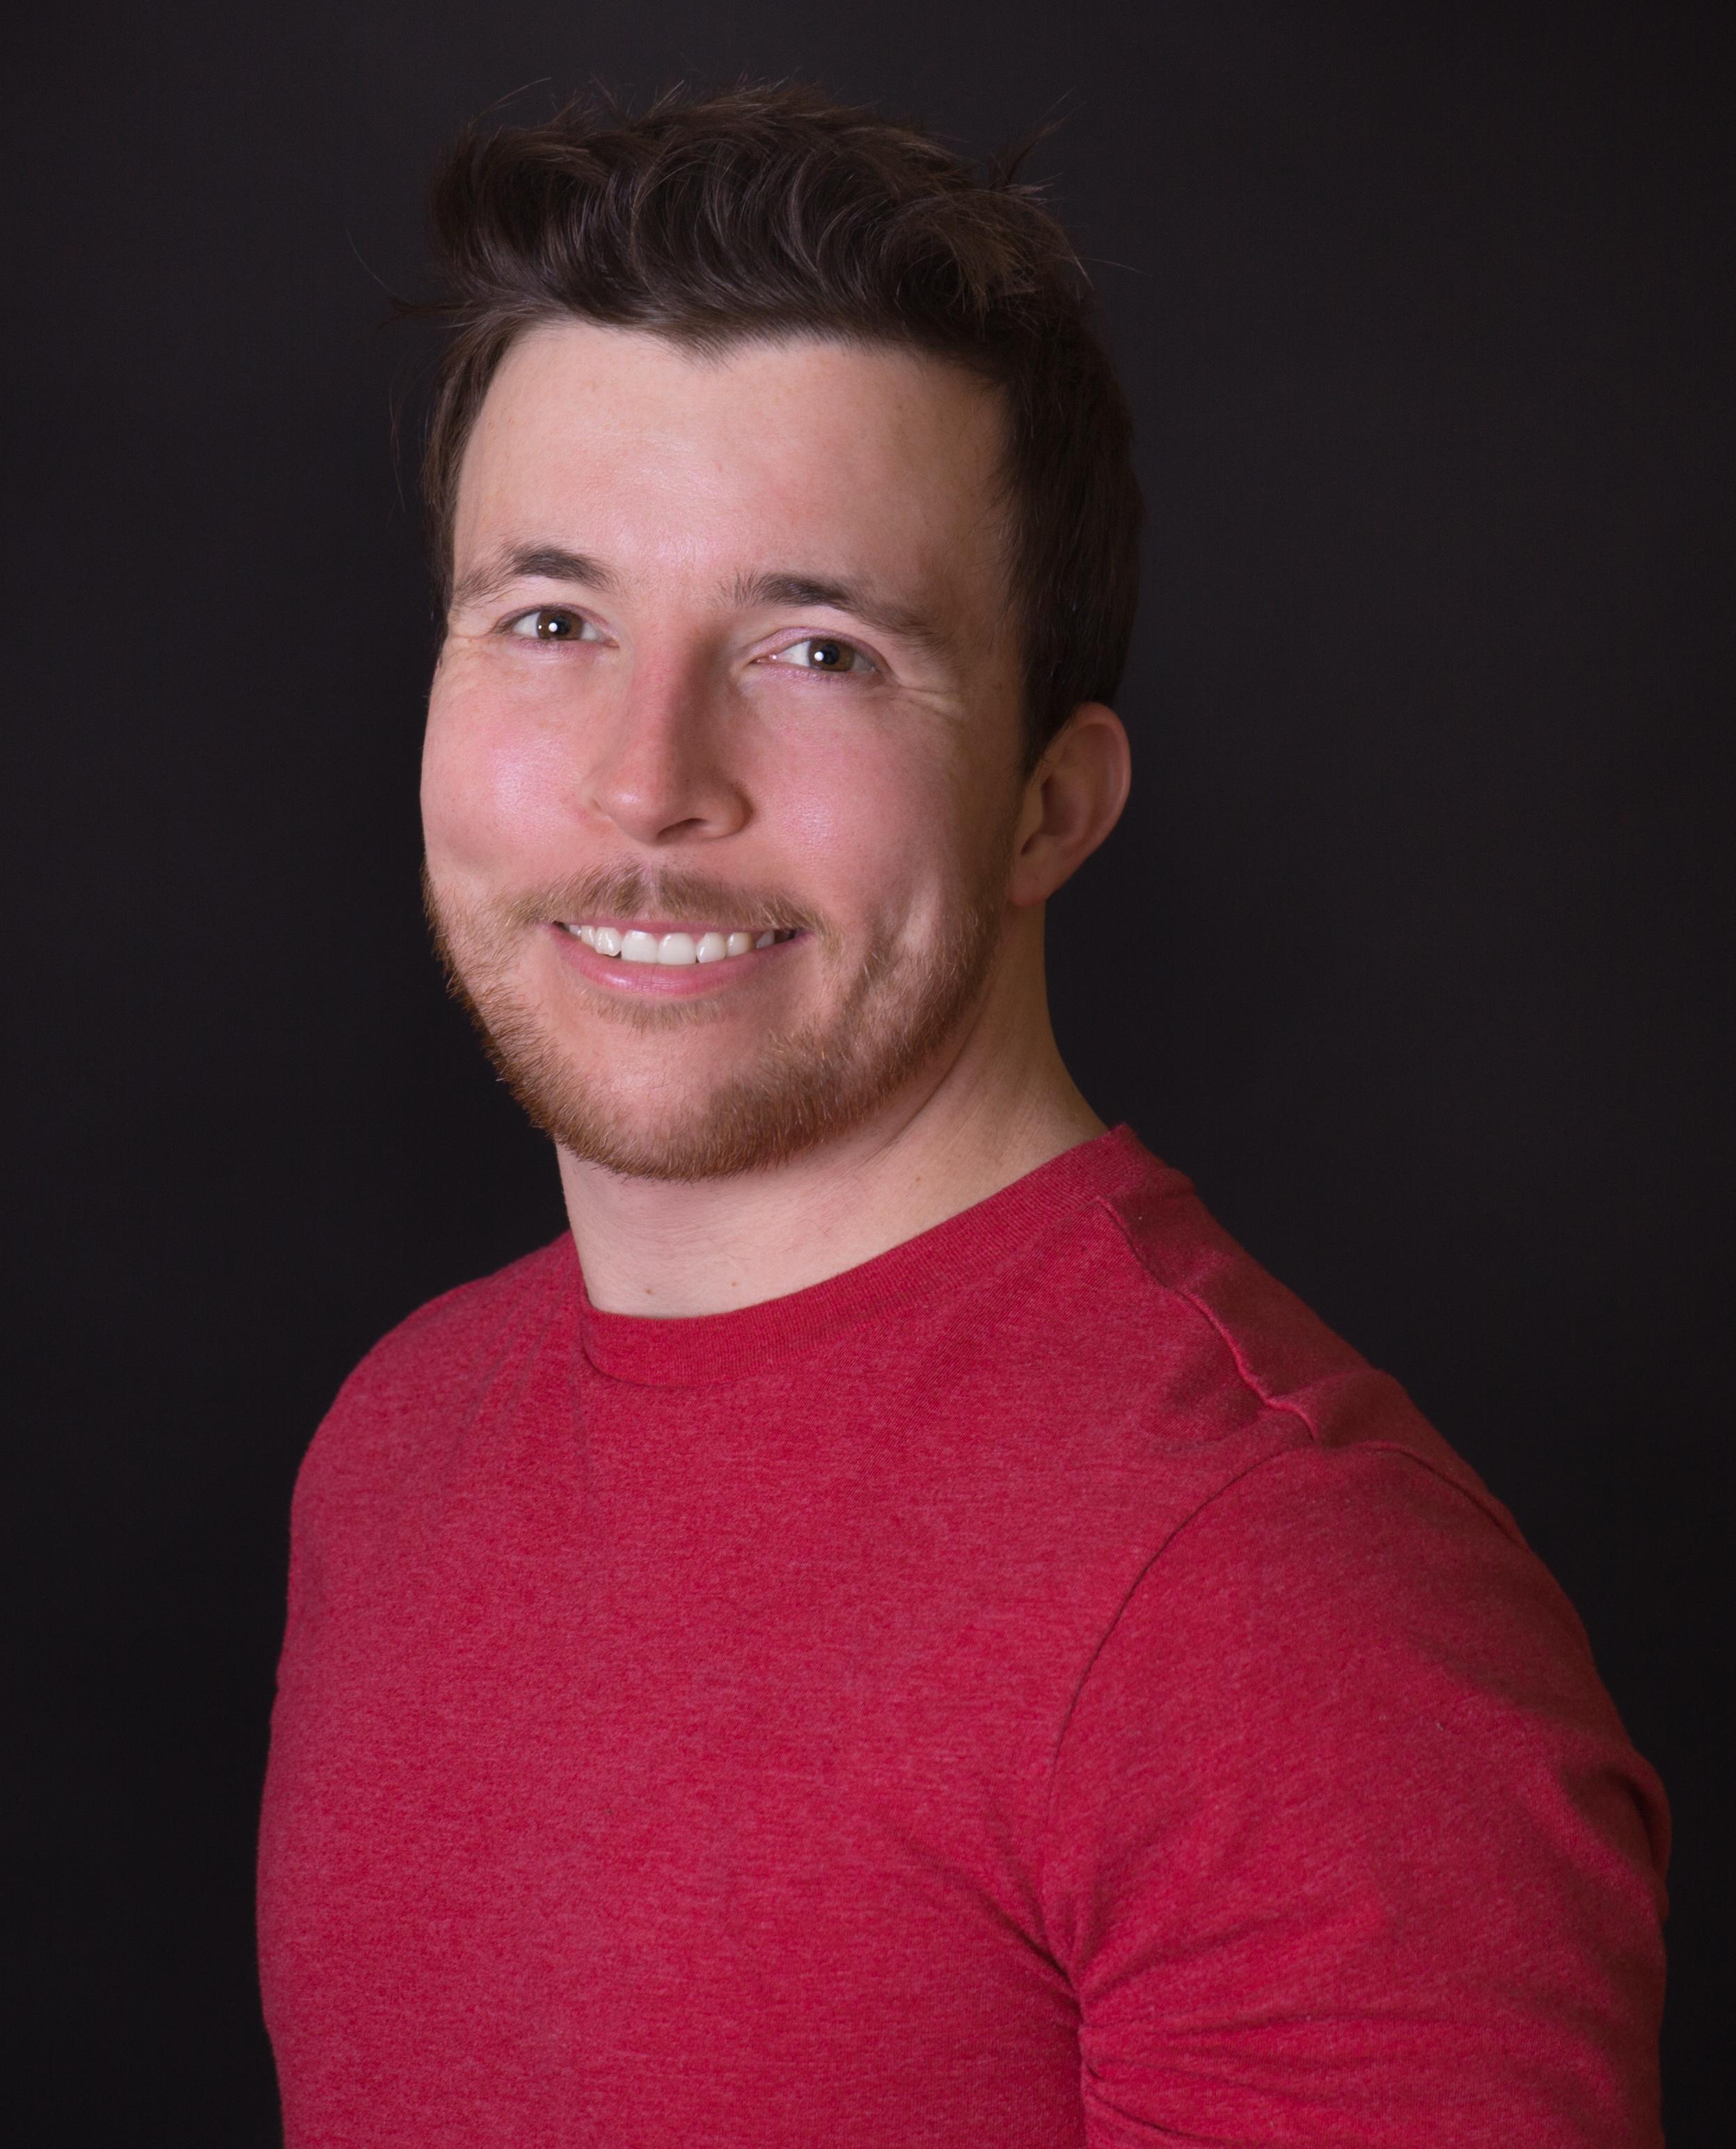 Dylan Werth Headshot 17